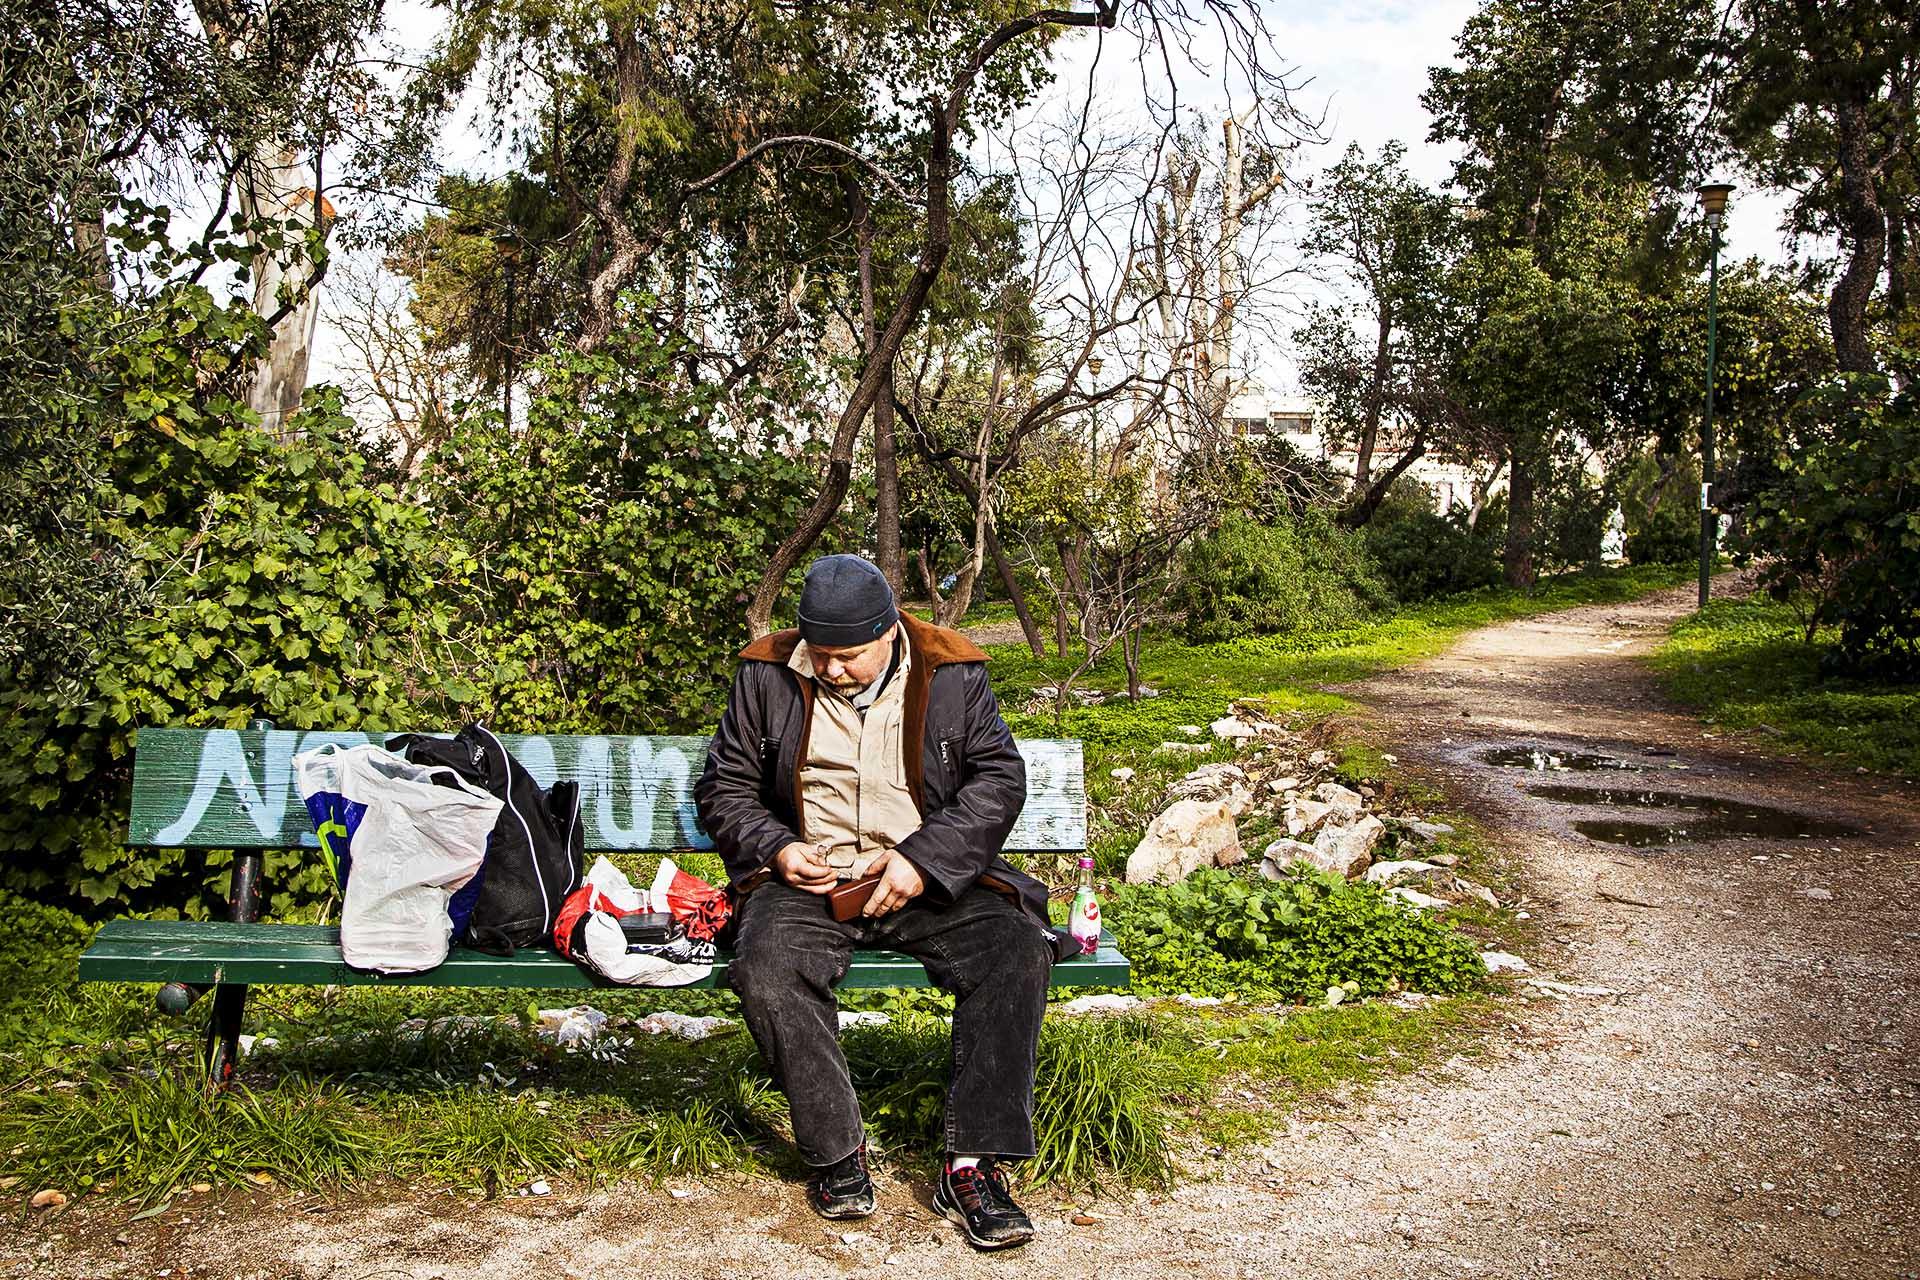 Las políticas de austeridad contribuyeron al desplome del empleo en Grecia, donde se llegó a superar el 27%